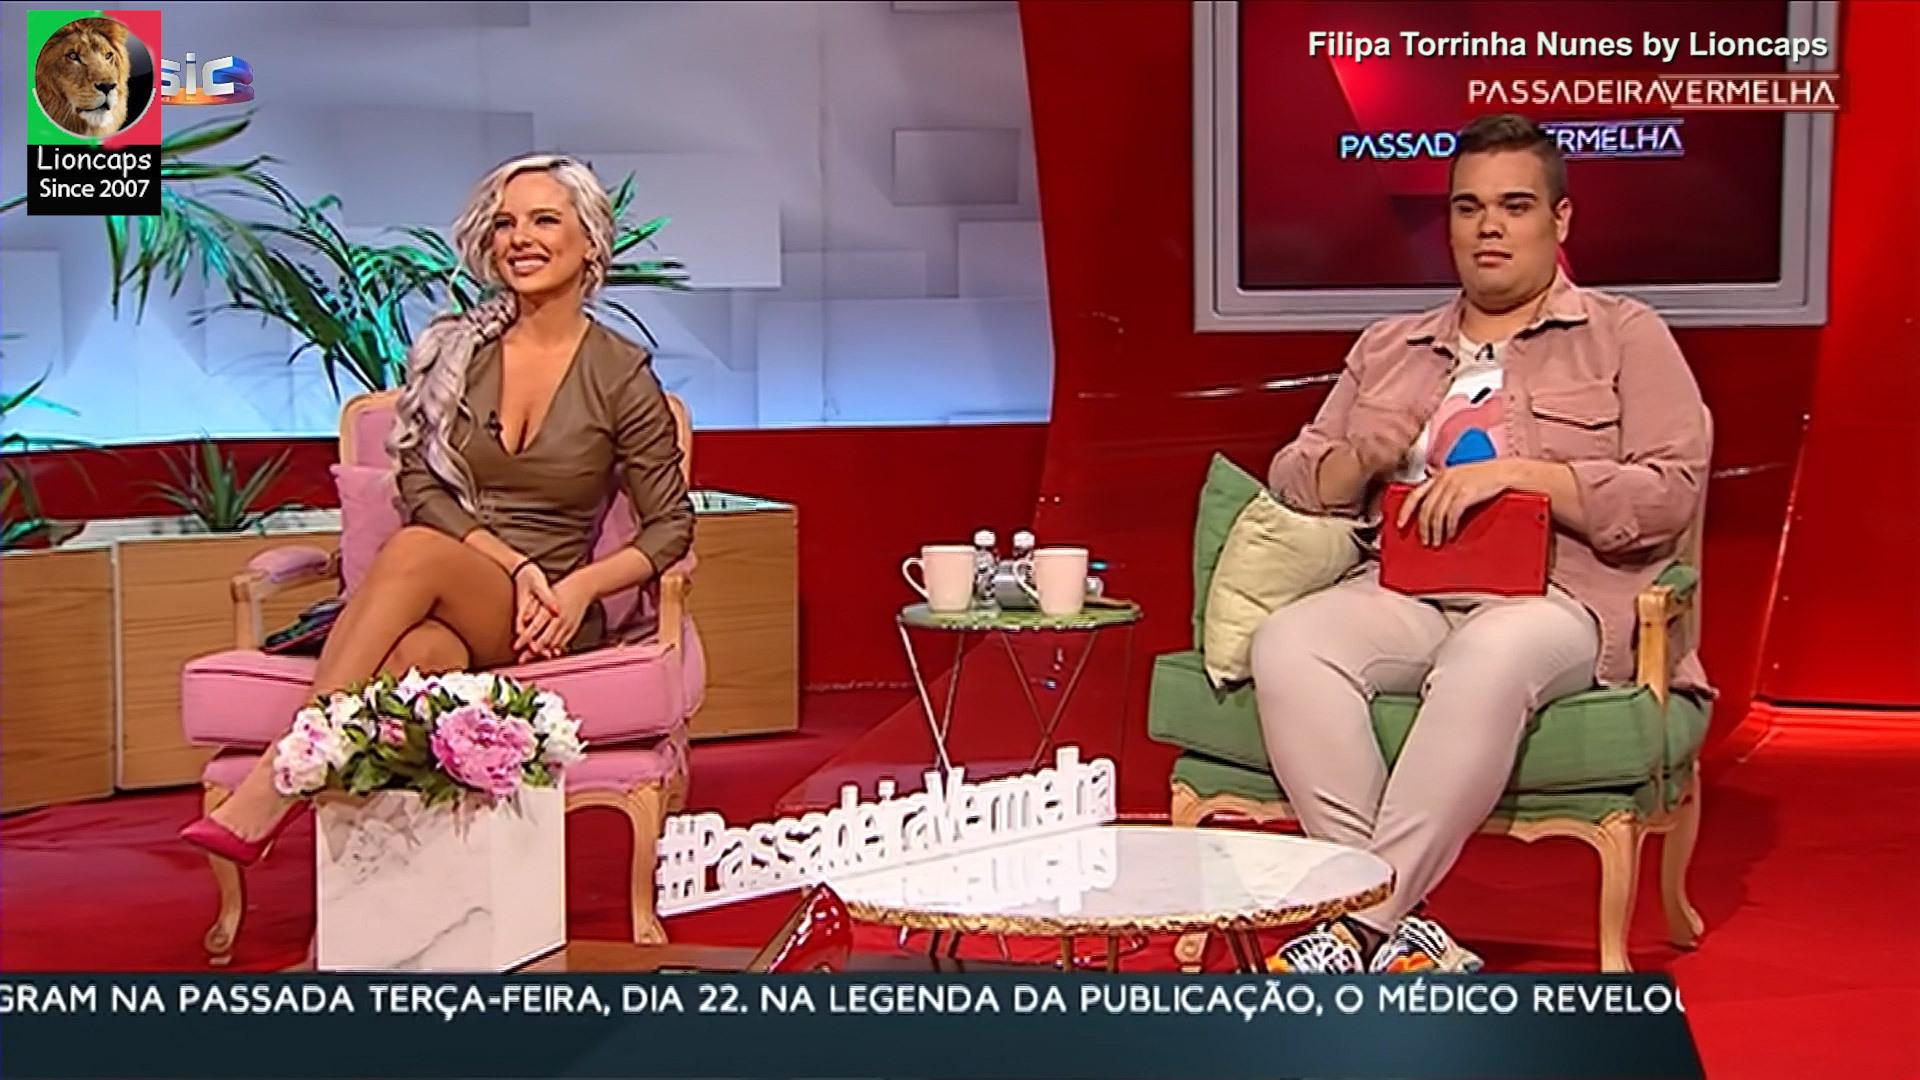 filipa_torrinha_nunes_passadeira_lioncaps_16_02_2021_02 (7).jpg